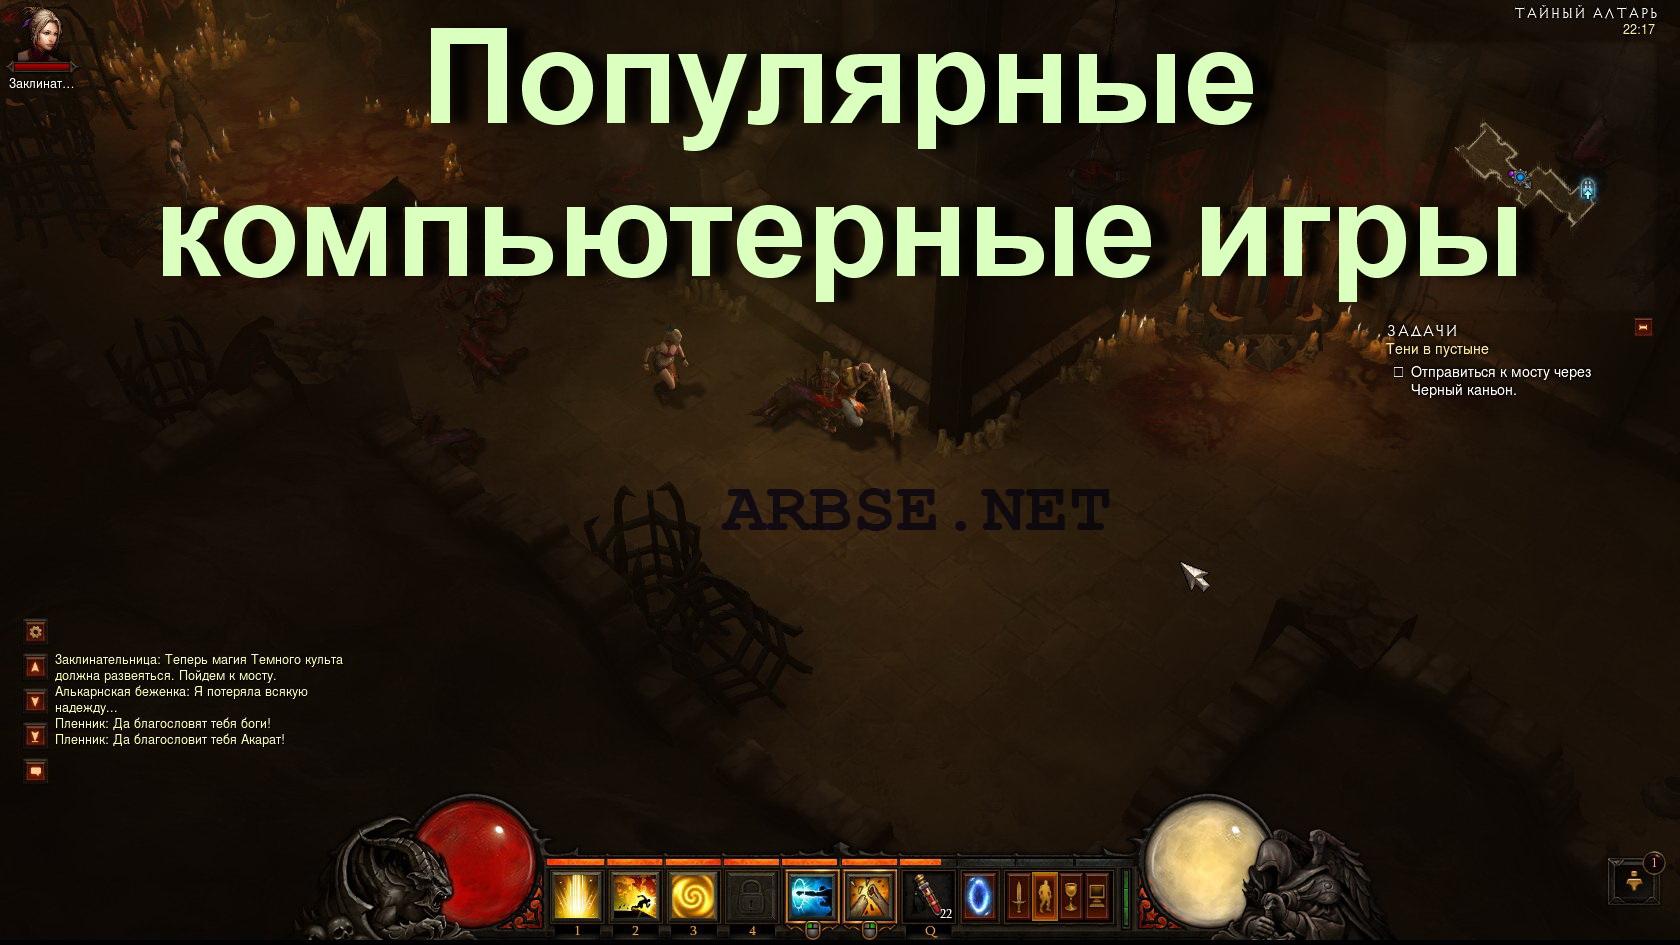 Русские игры компьютерные для взрослых 4 фотография